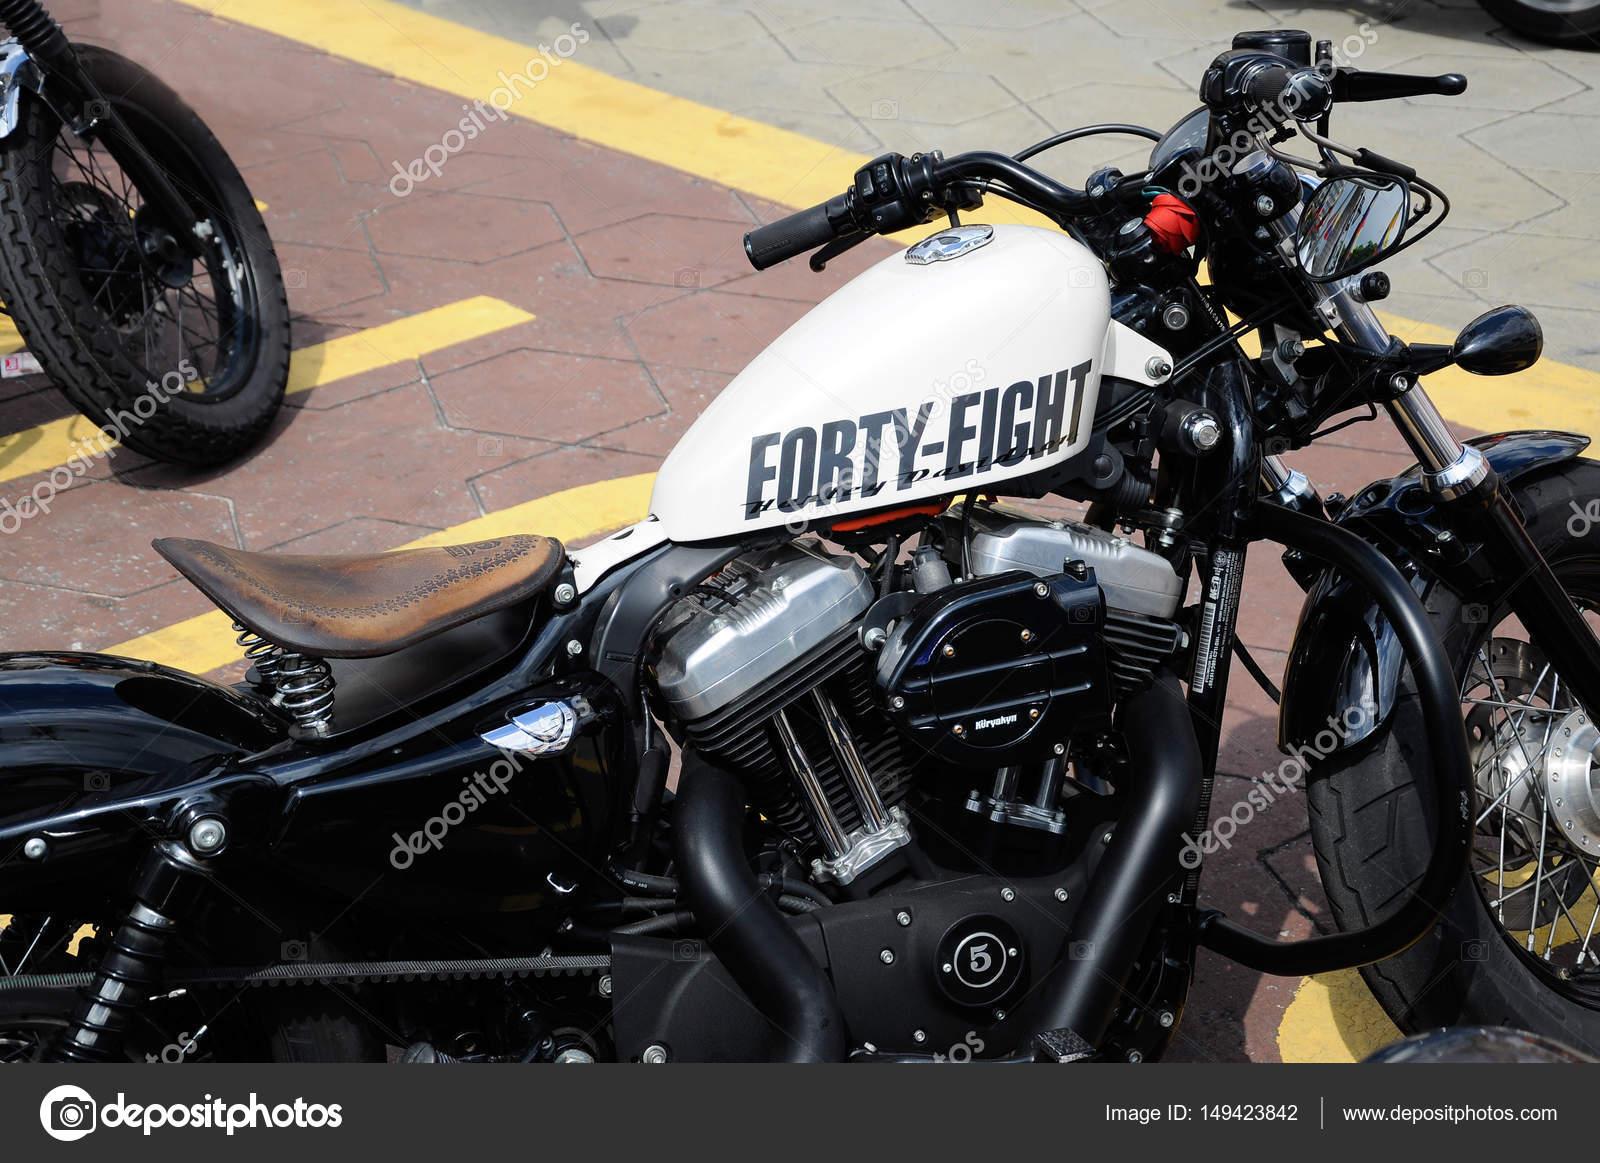 Verschiedene Modell von Harley Davidson easy Rider Motorrad parken ...